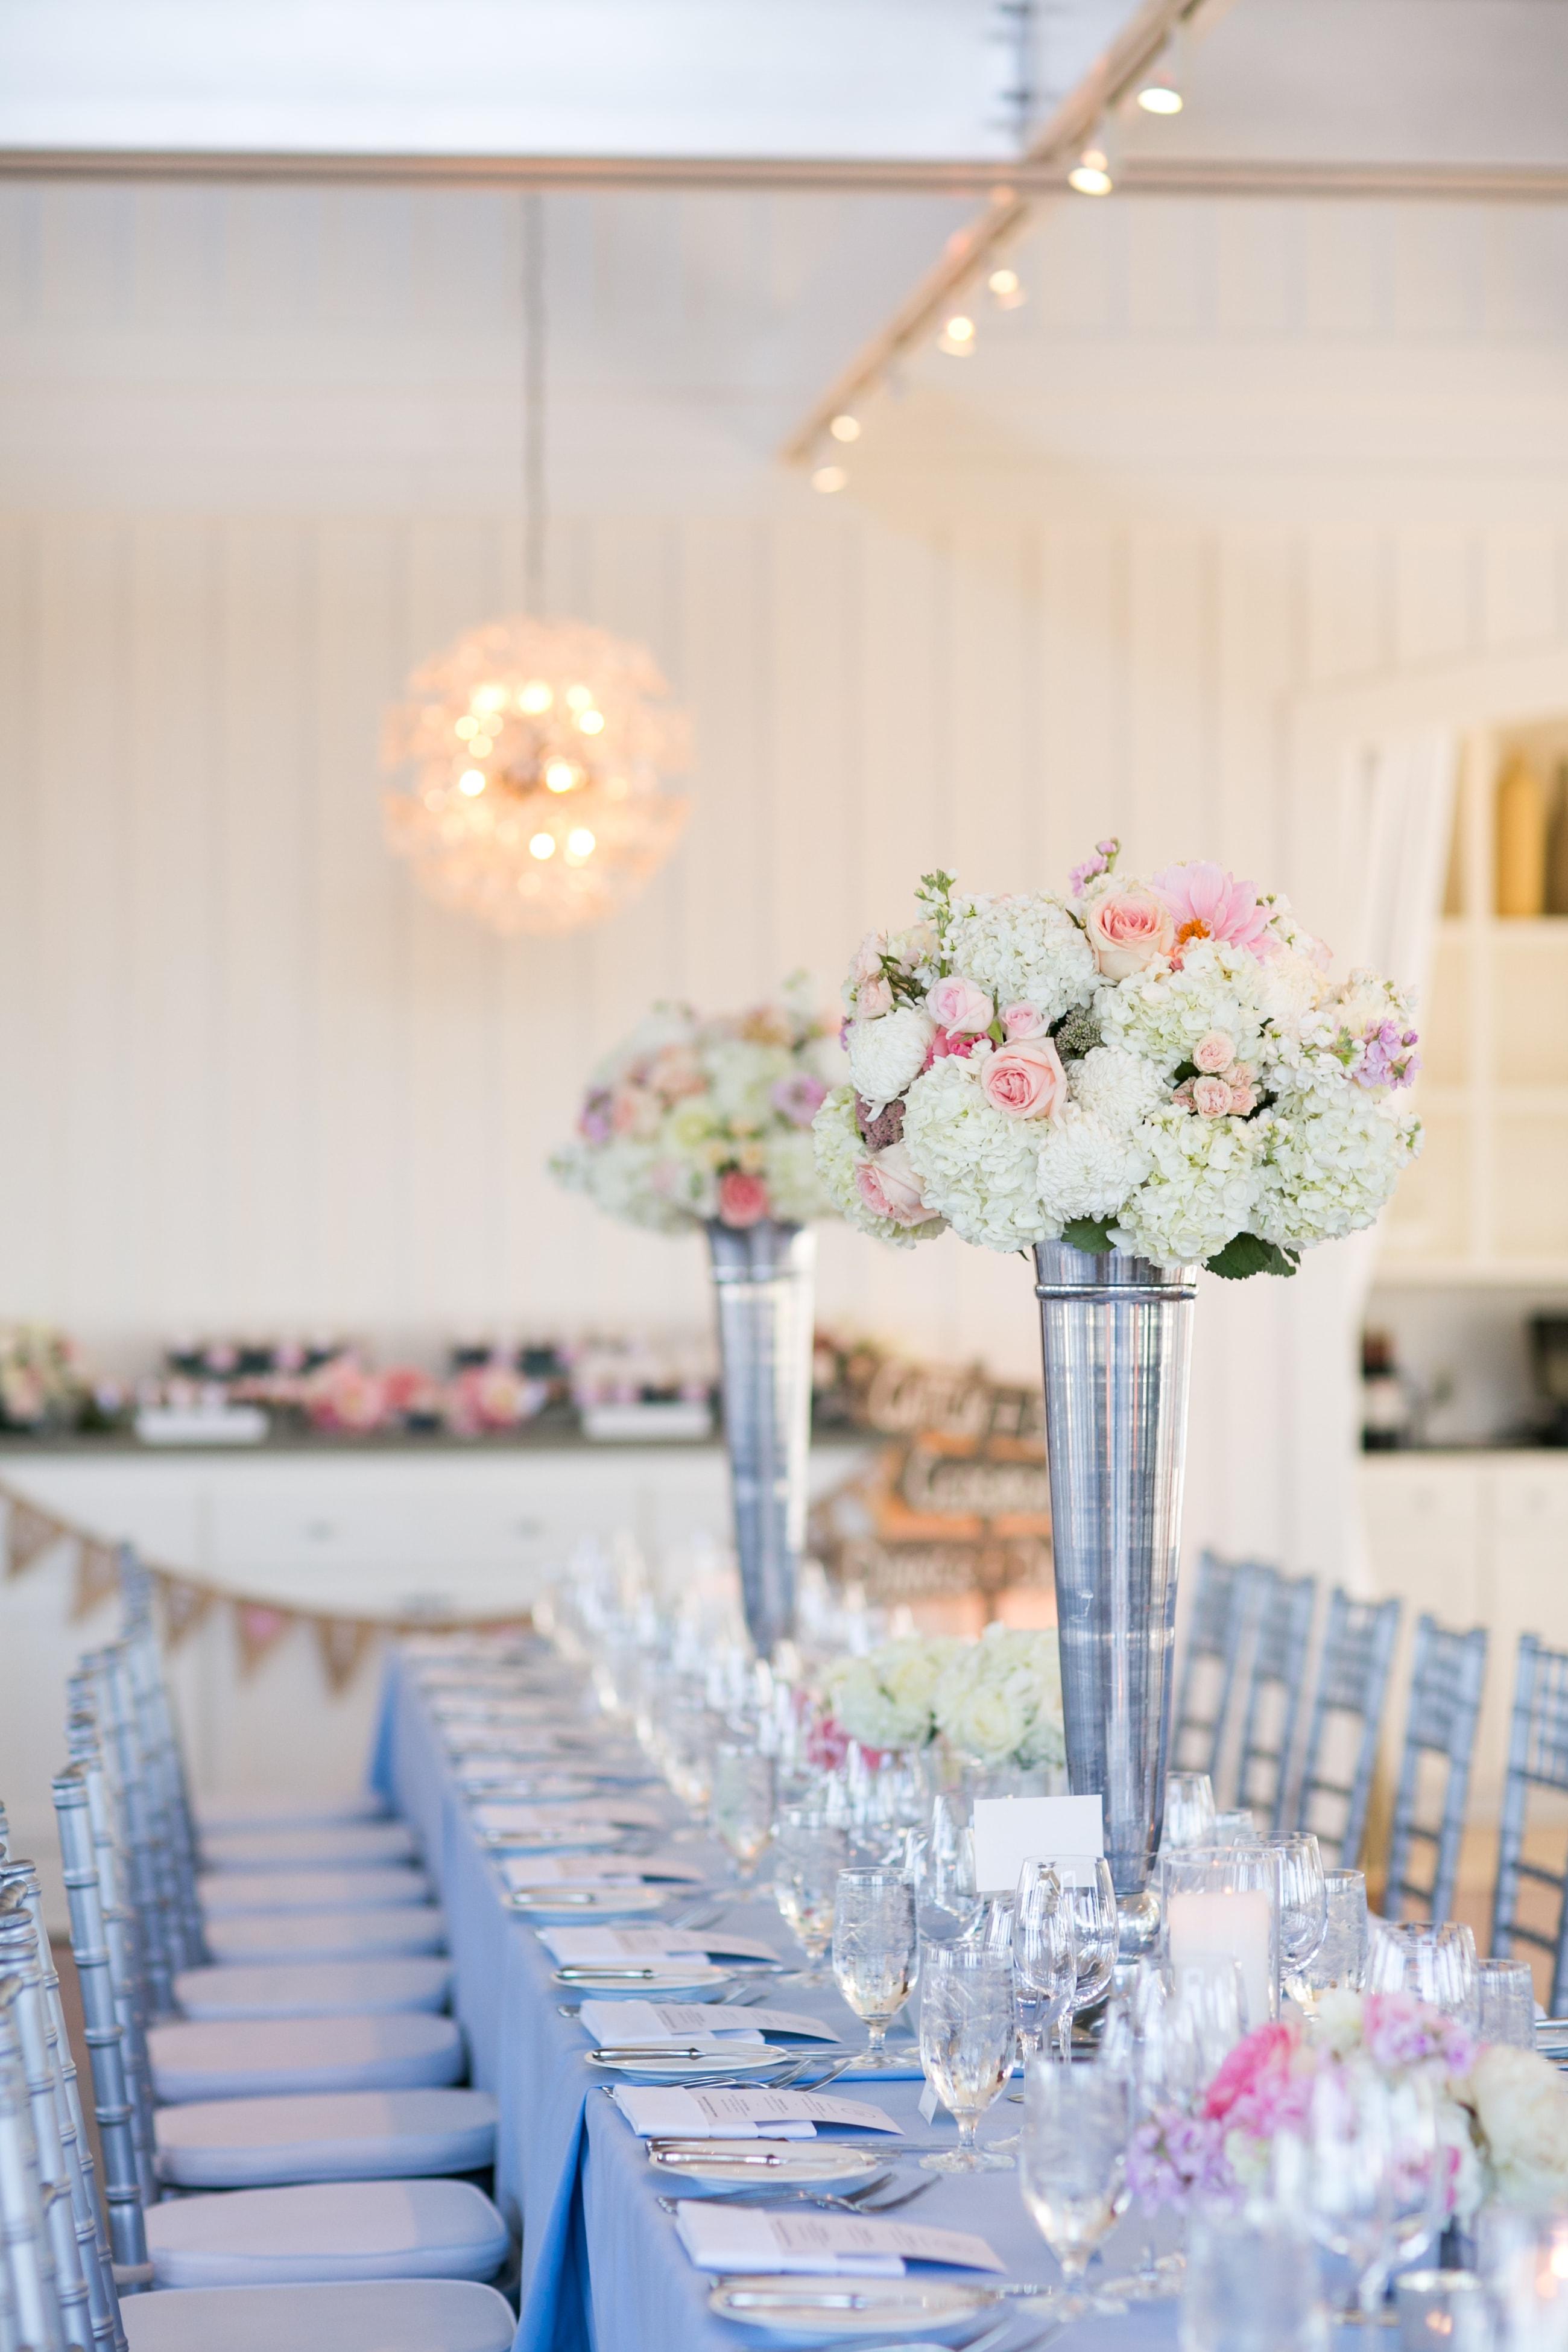 decoracao-casamento-rose-quartz-serenity-blue-03-min